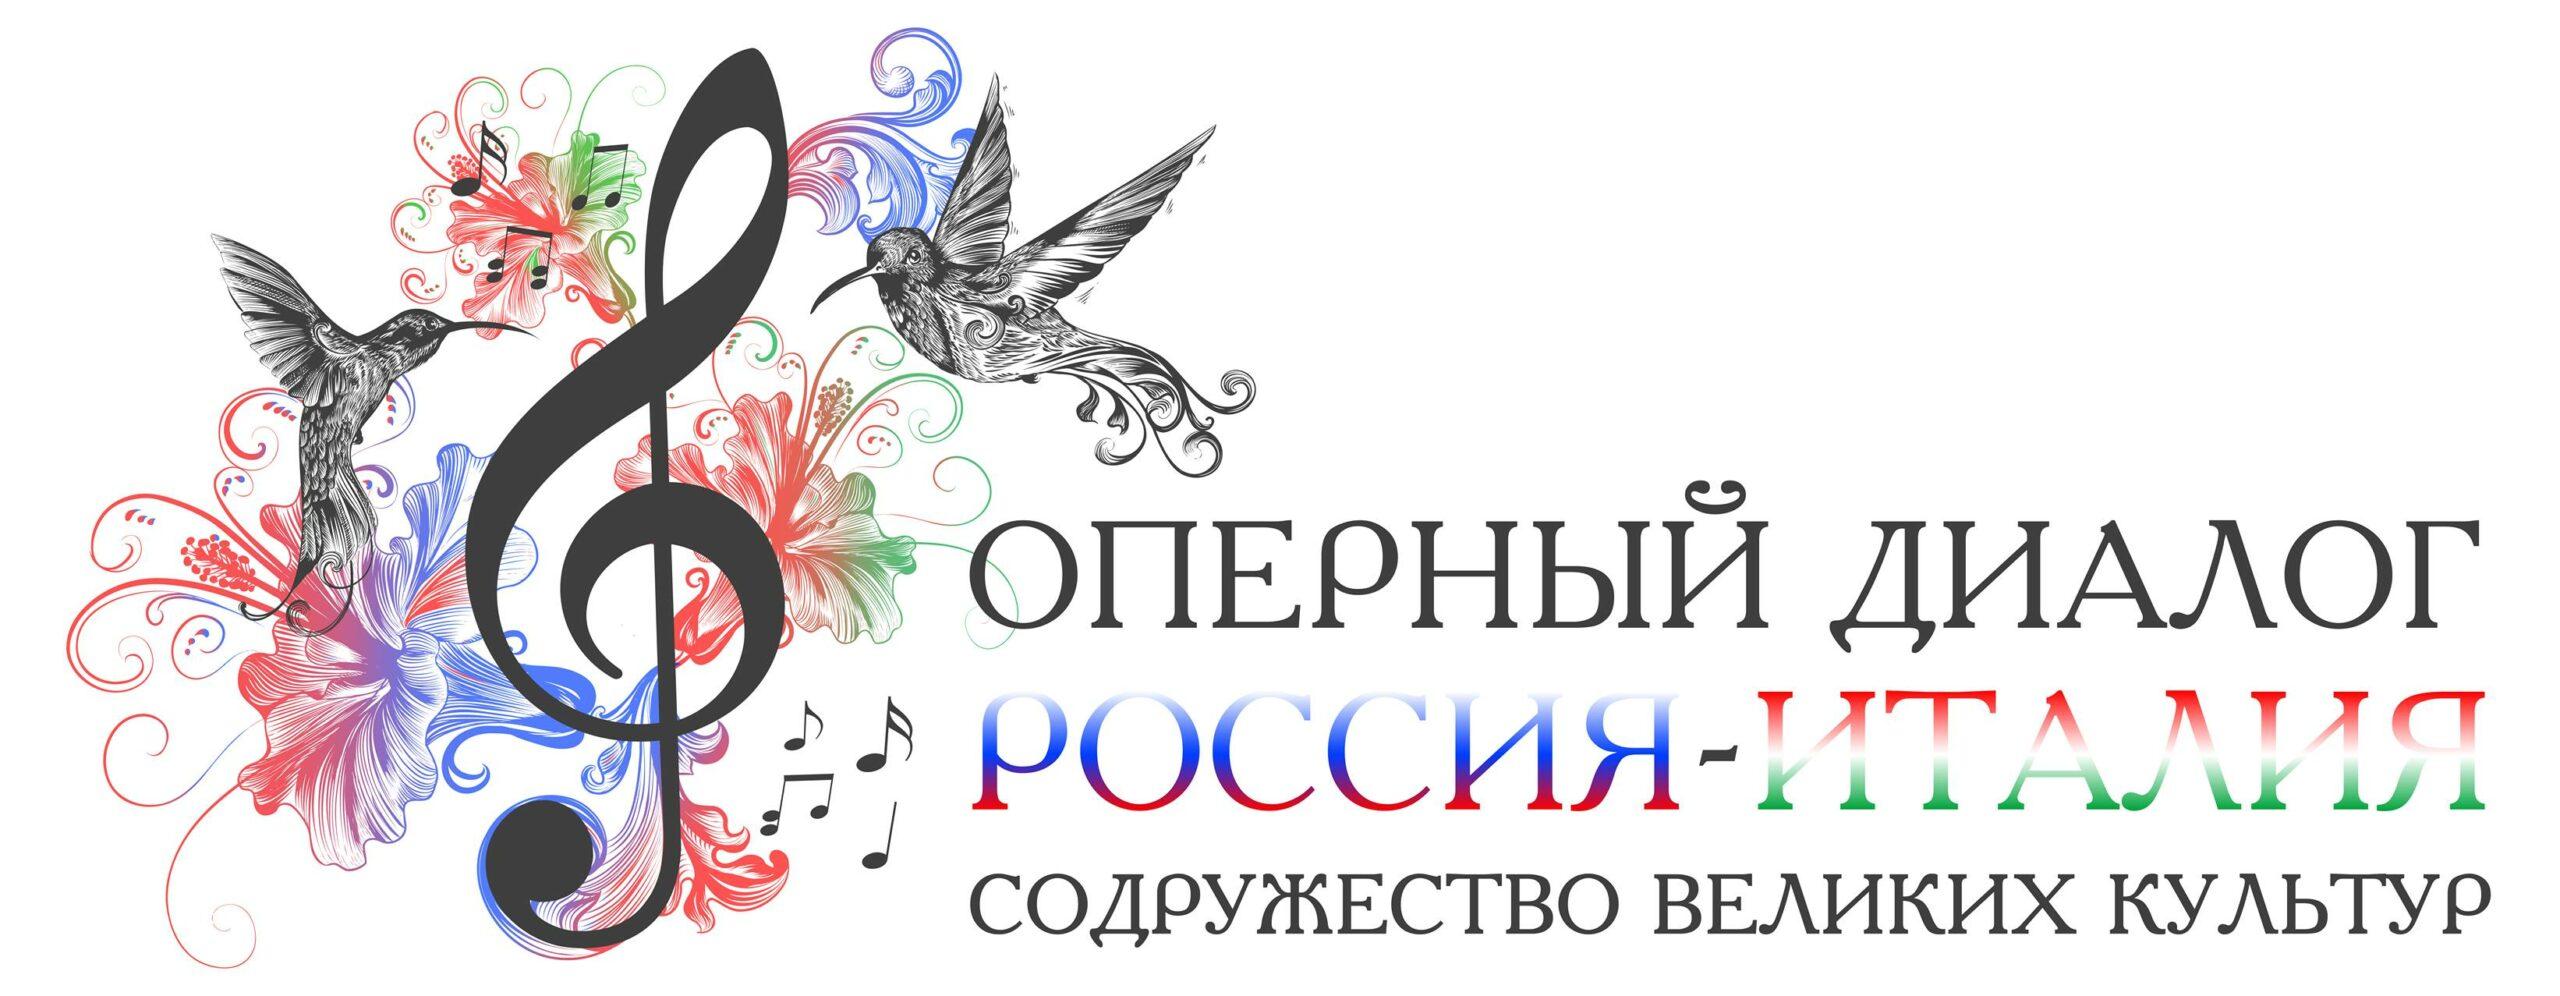 «Оперный диалог Россия ─ Италия. Содружество великих культур»